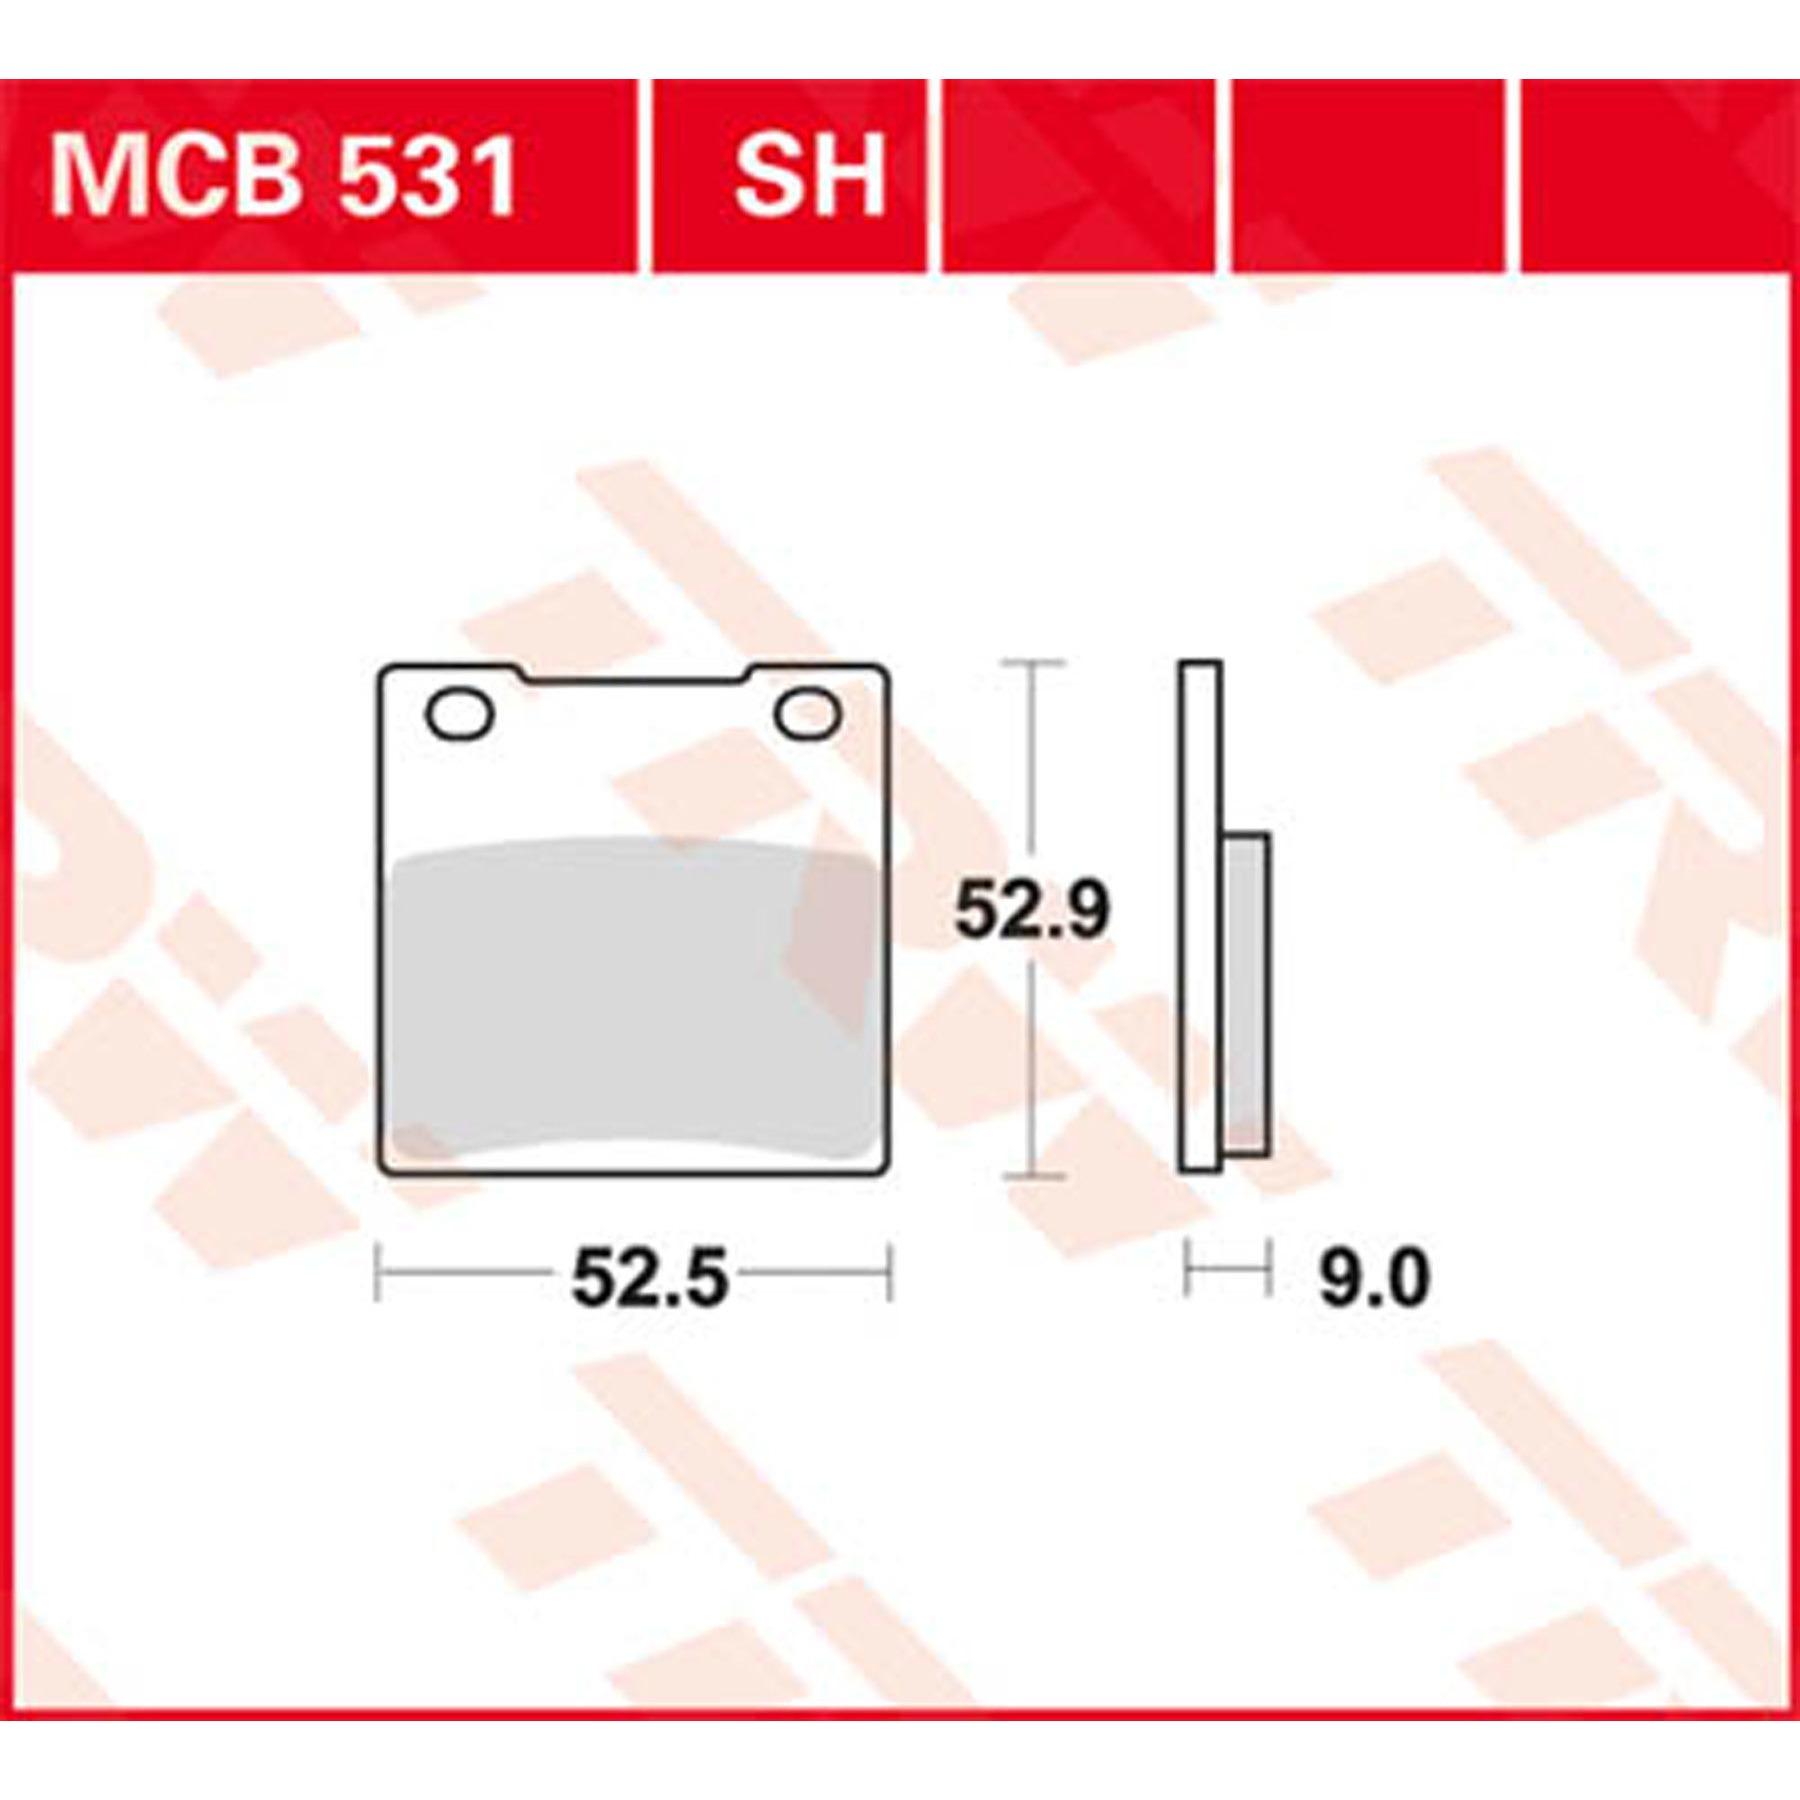 TRW Lucas Bremsbeläge MCB531 hinten Kawasaki ZRX 1200 C